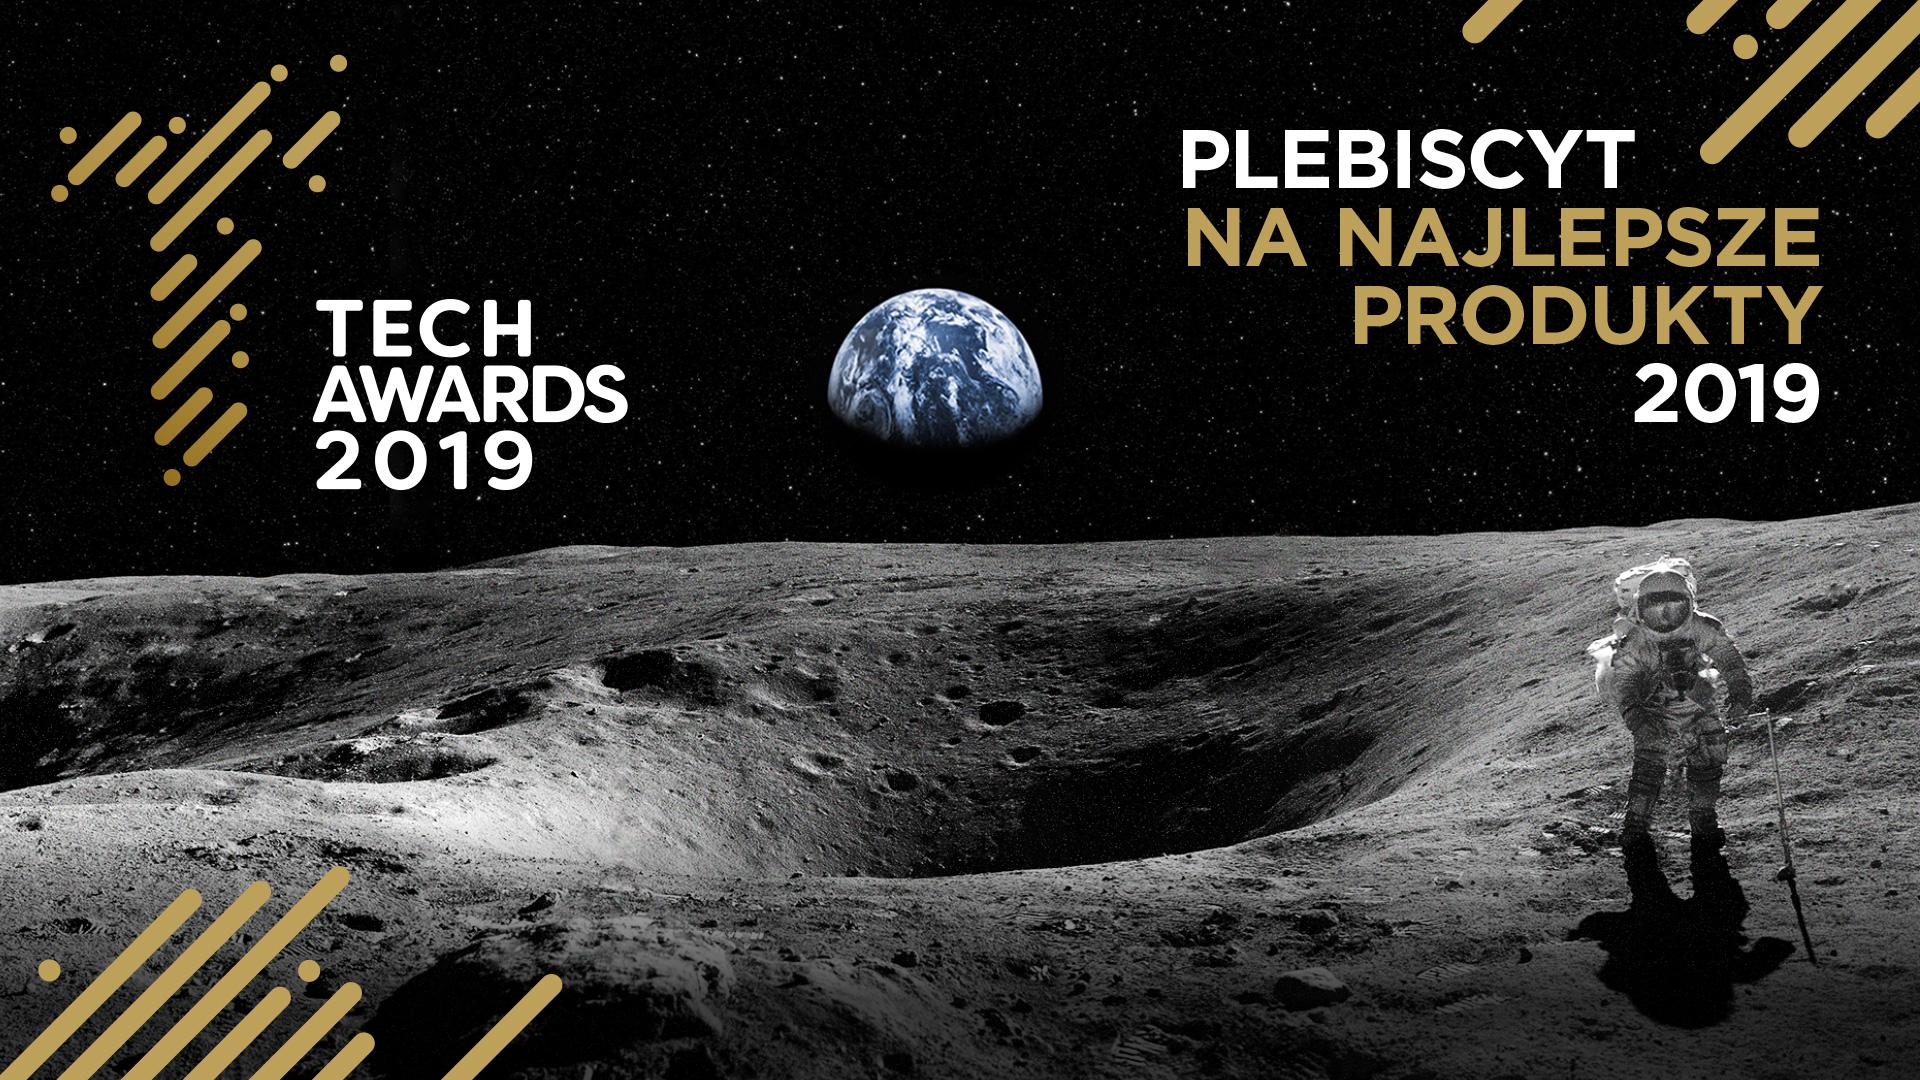 Tech Awards 2019 - urteko ordenagailu eramangarri onenak aukeratzen ditugu